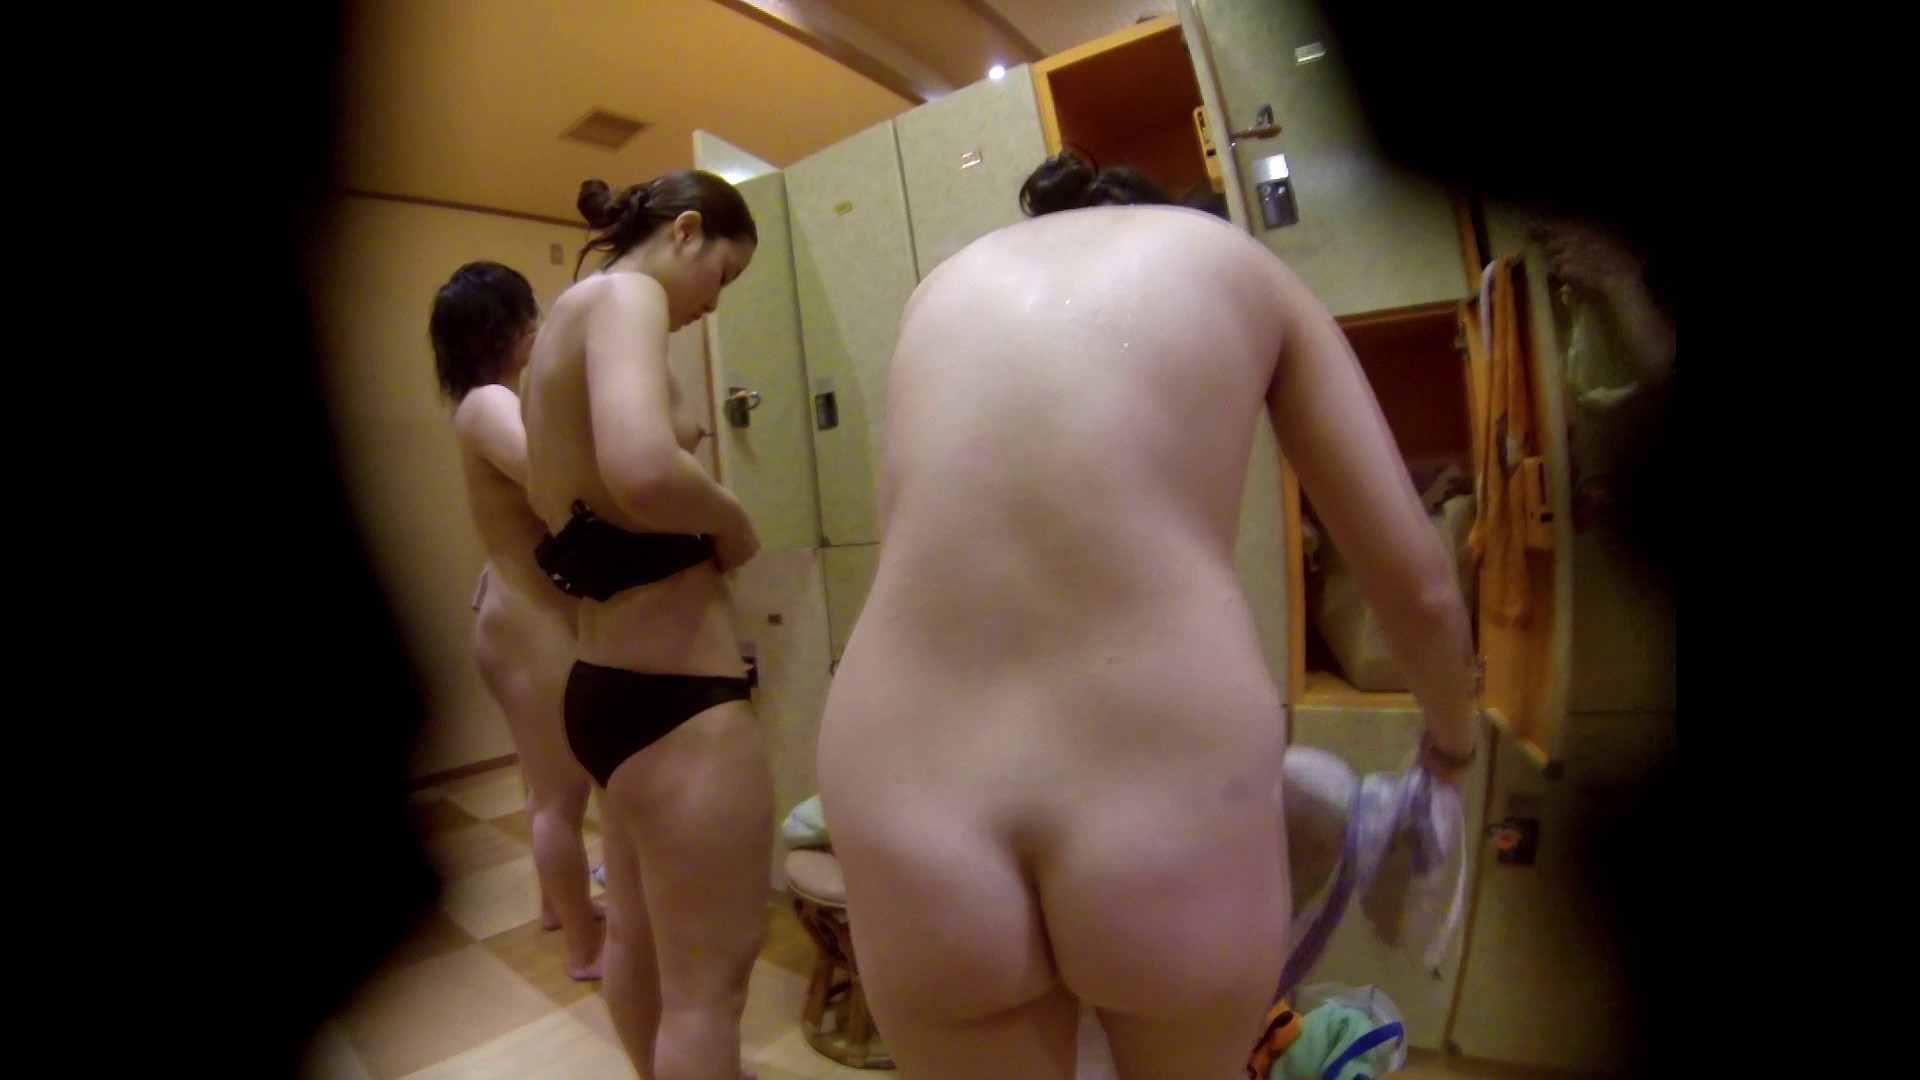 追い撮り!脱衣~洗い場、徹底追跡!撮り師さんに拍手!! 潜入  20pic 15